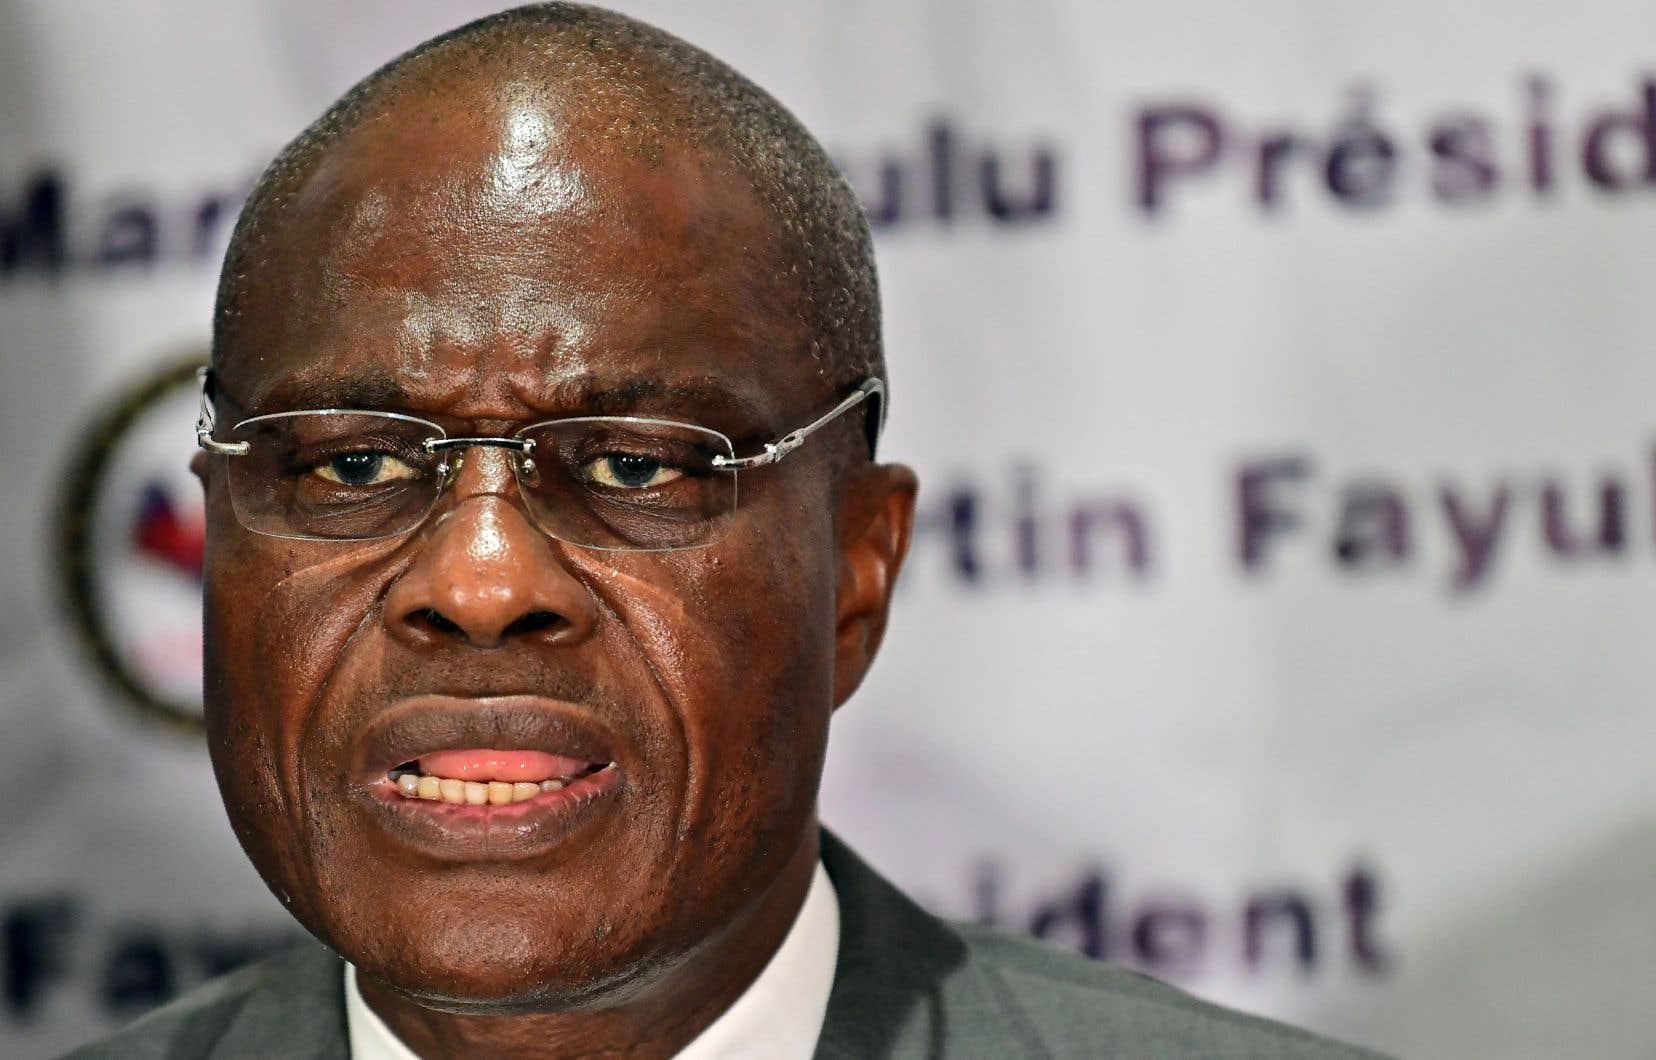 Dans une allocution à ses concitoyens en début de soirée, le candidat malheureux de l'élection présidentielle, l'autre opposant Martin Fayulu, s'est dit prêt à discuter.